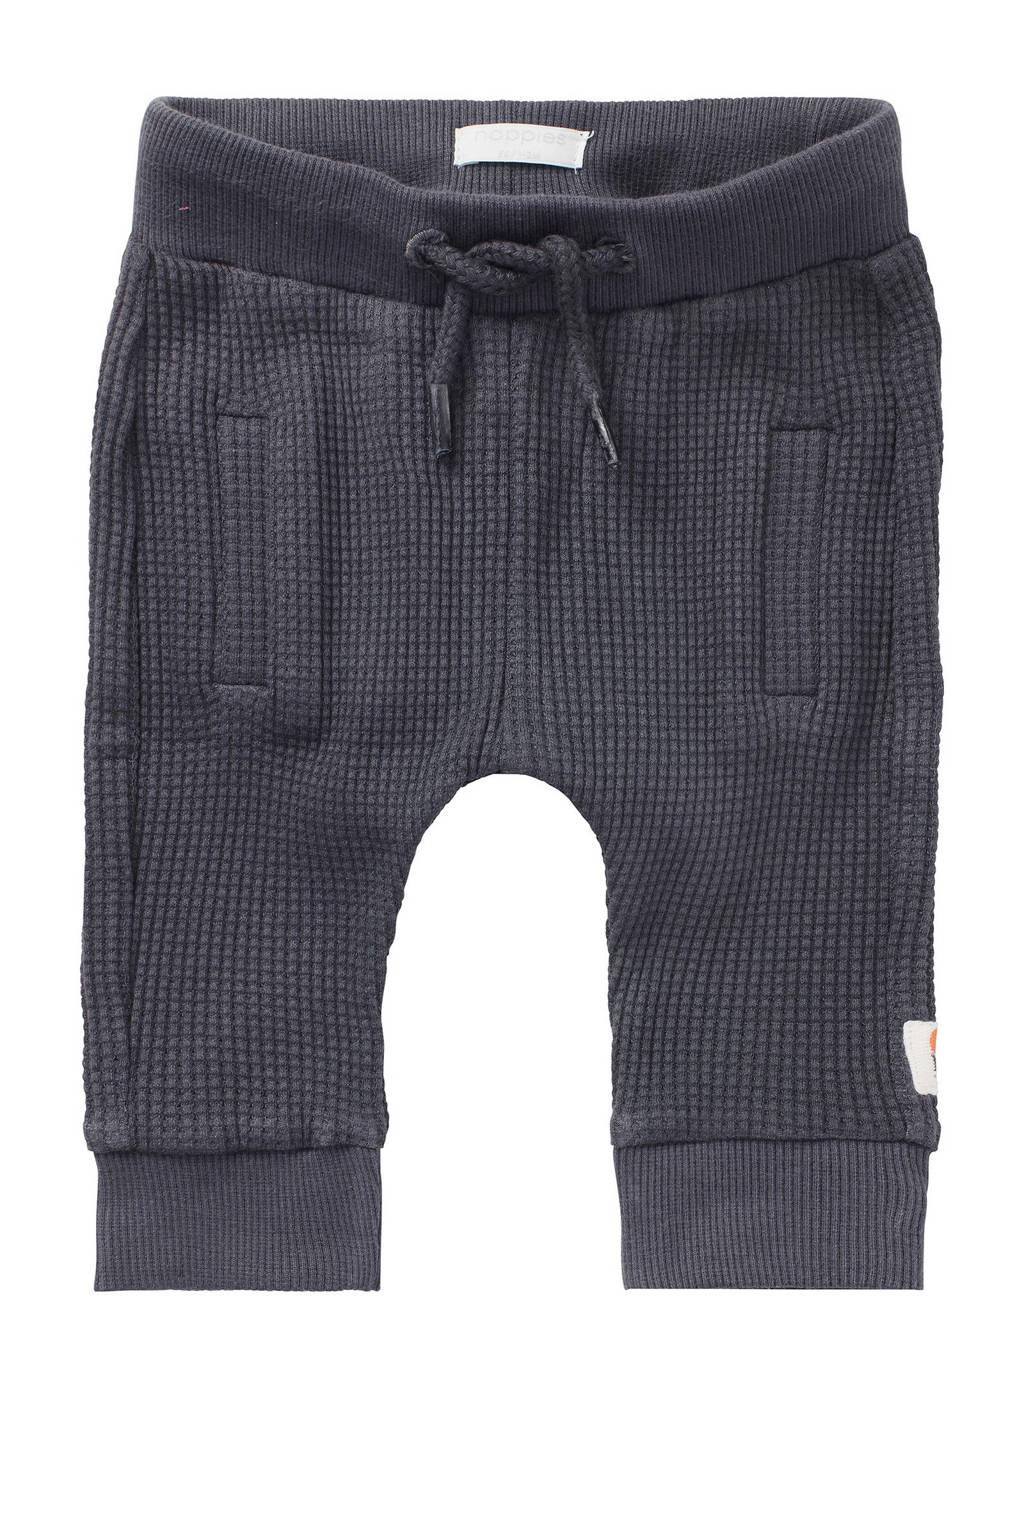 Noppies baby broek Toledo met biologisch katoen zwart, Zwart